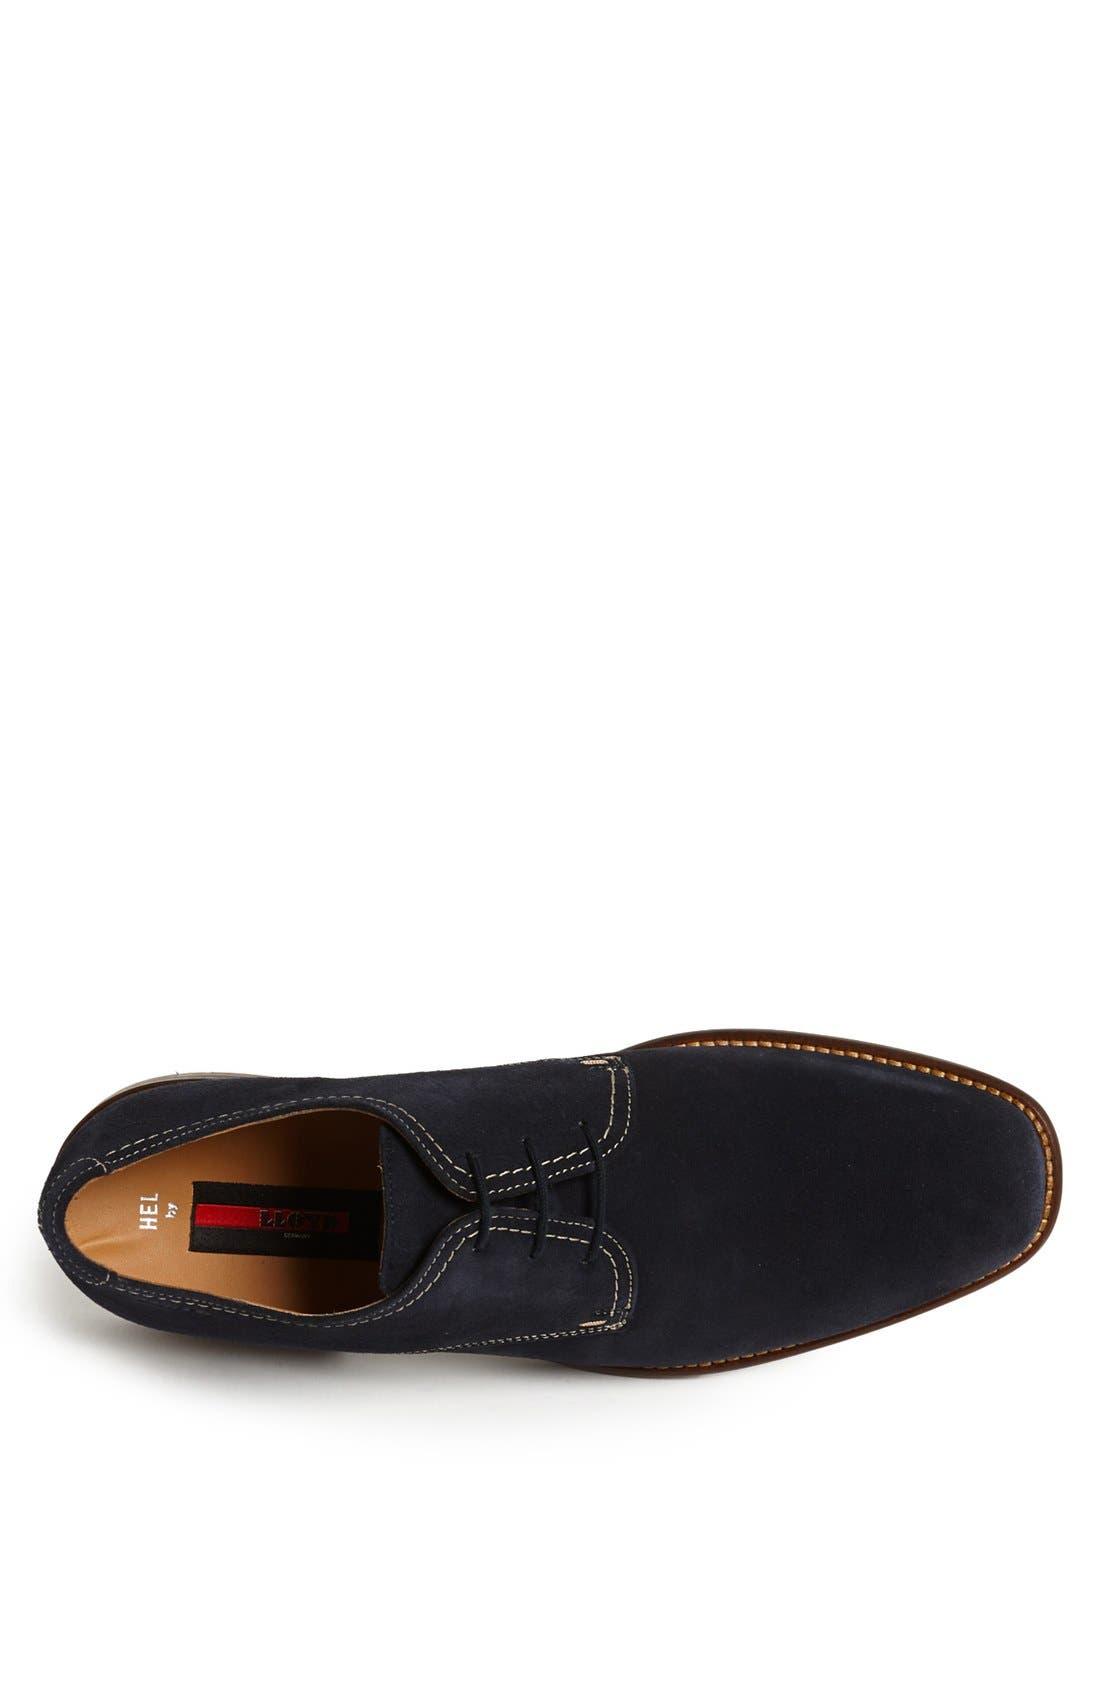 Alternate Image 3  - Lloyd 'Hel' Buck Shoe